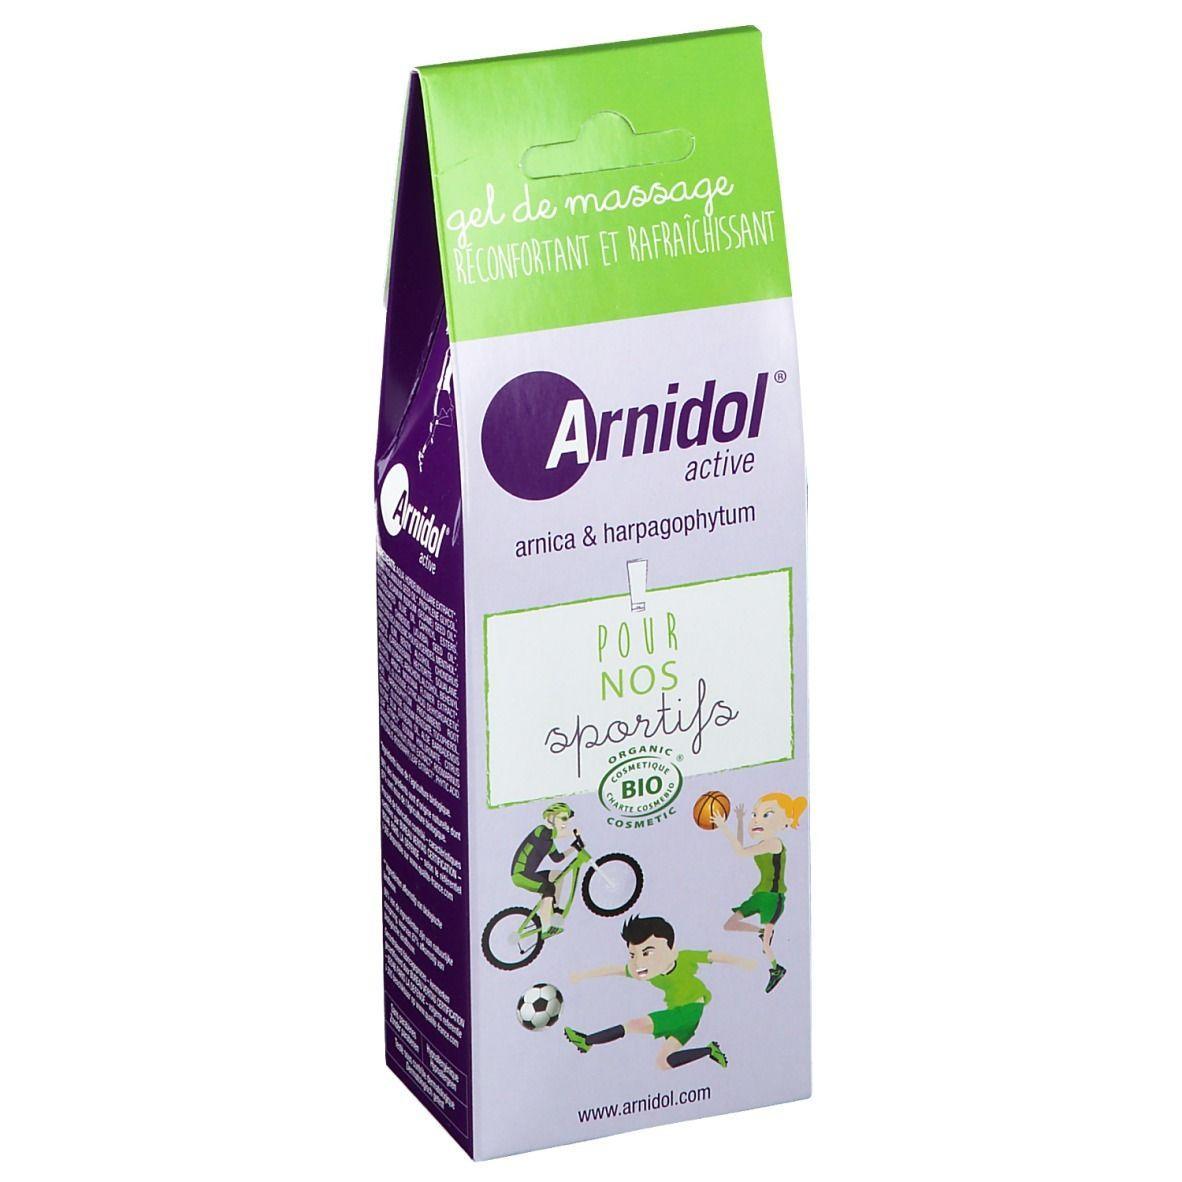 Image of Arnidol® aktive Massage Gel